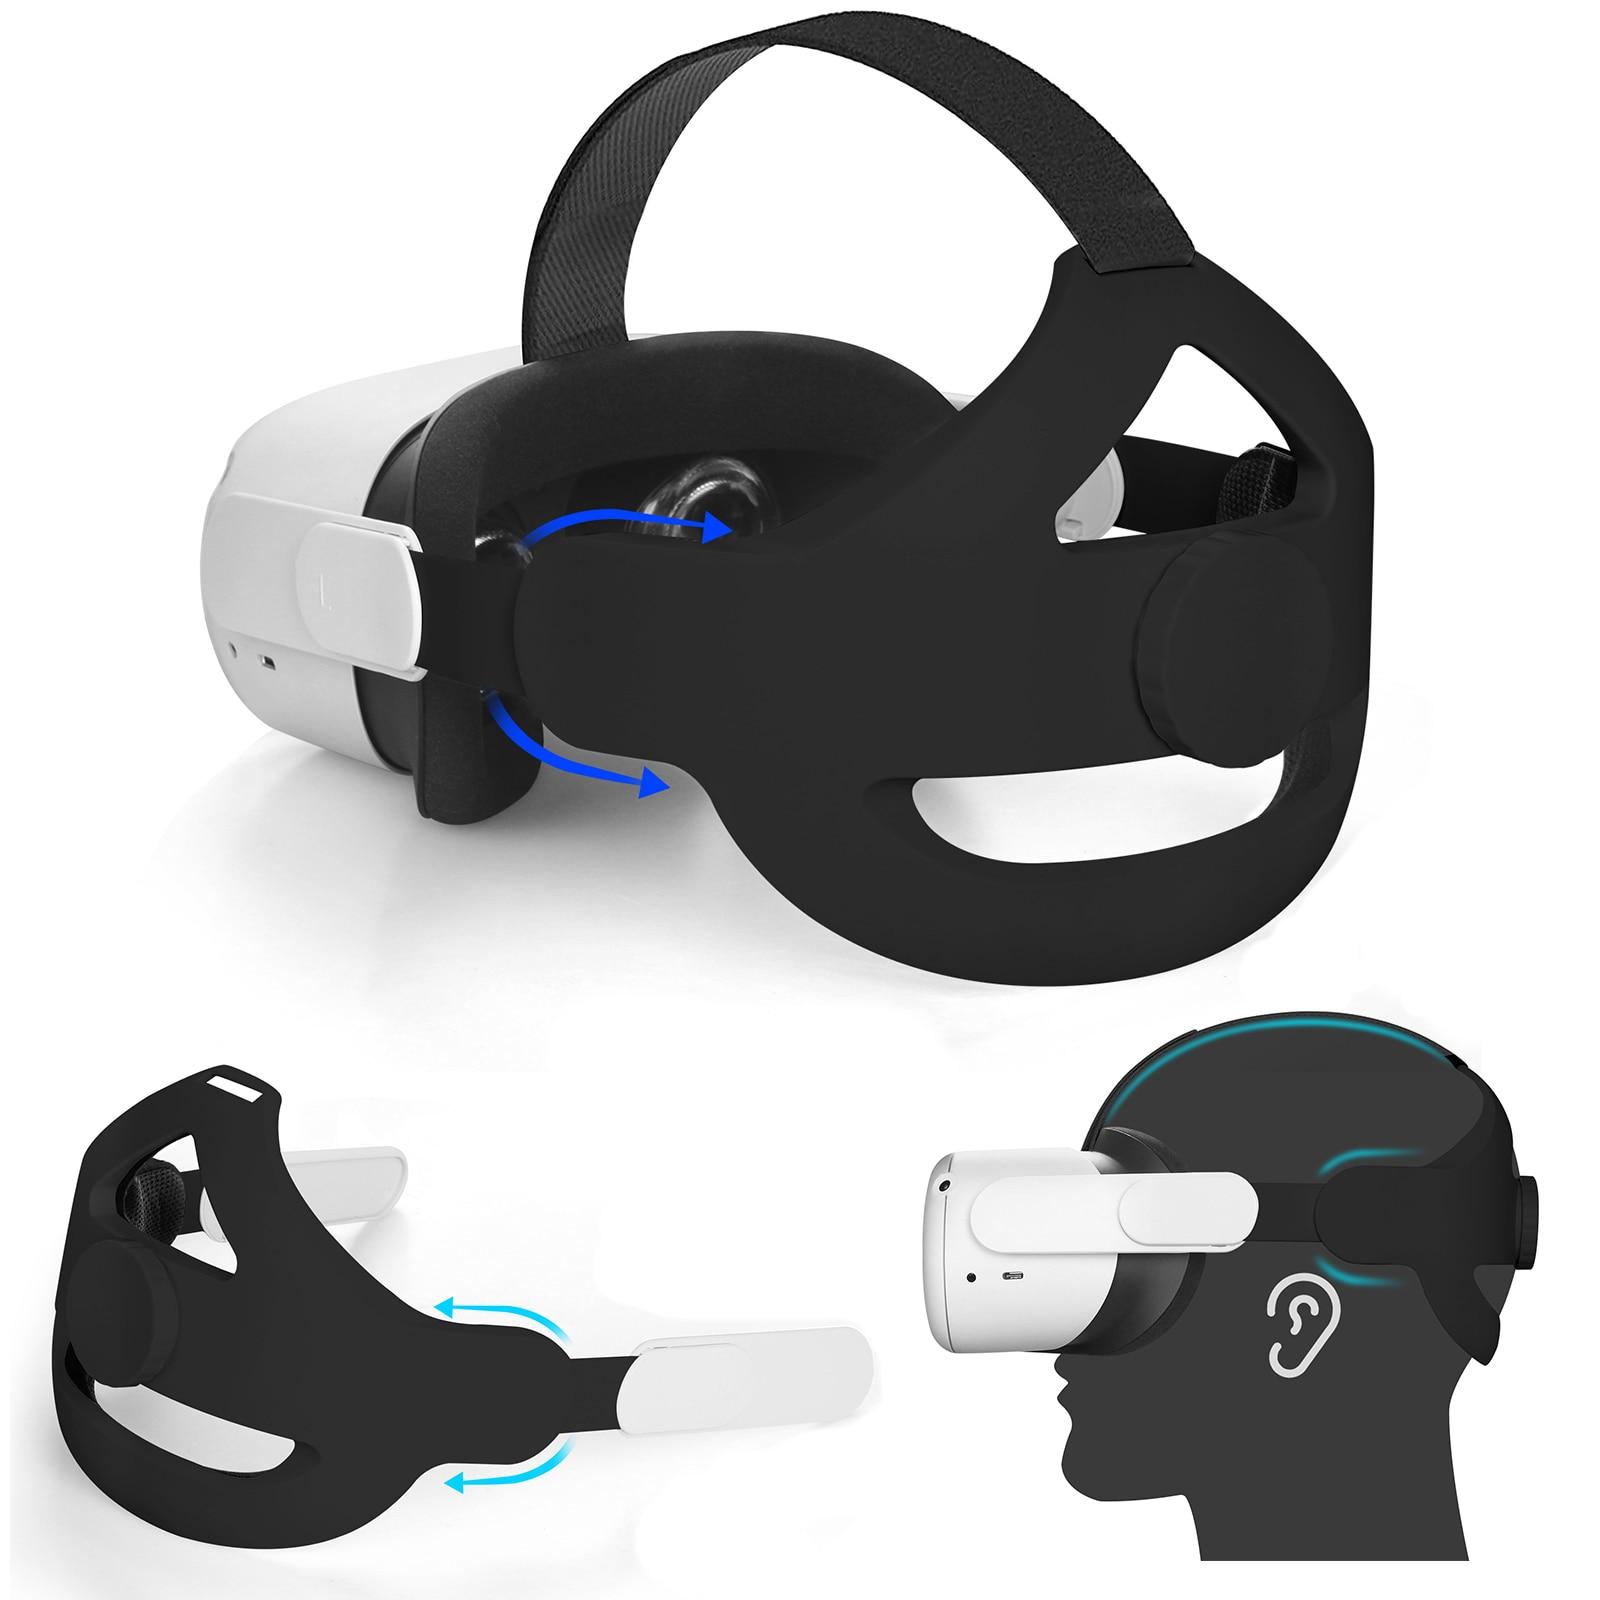 2021 هالو حزام قابل للتعديل شريط للرأس ل كوة كويست 2 VR النخبة حزام الواقع الافتراضي دعم قوة ل كويست 2 الملحقات